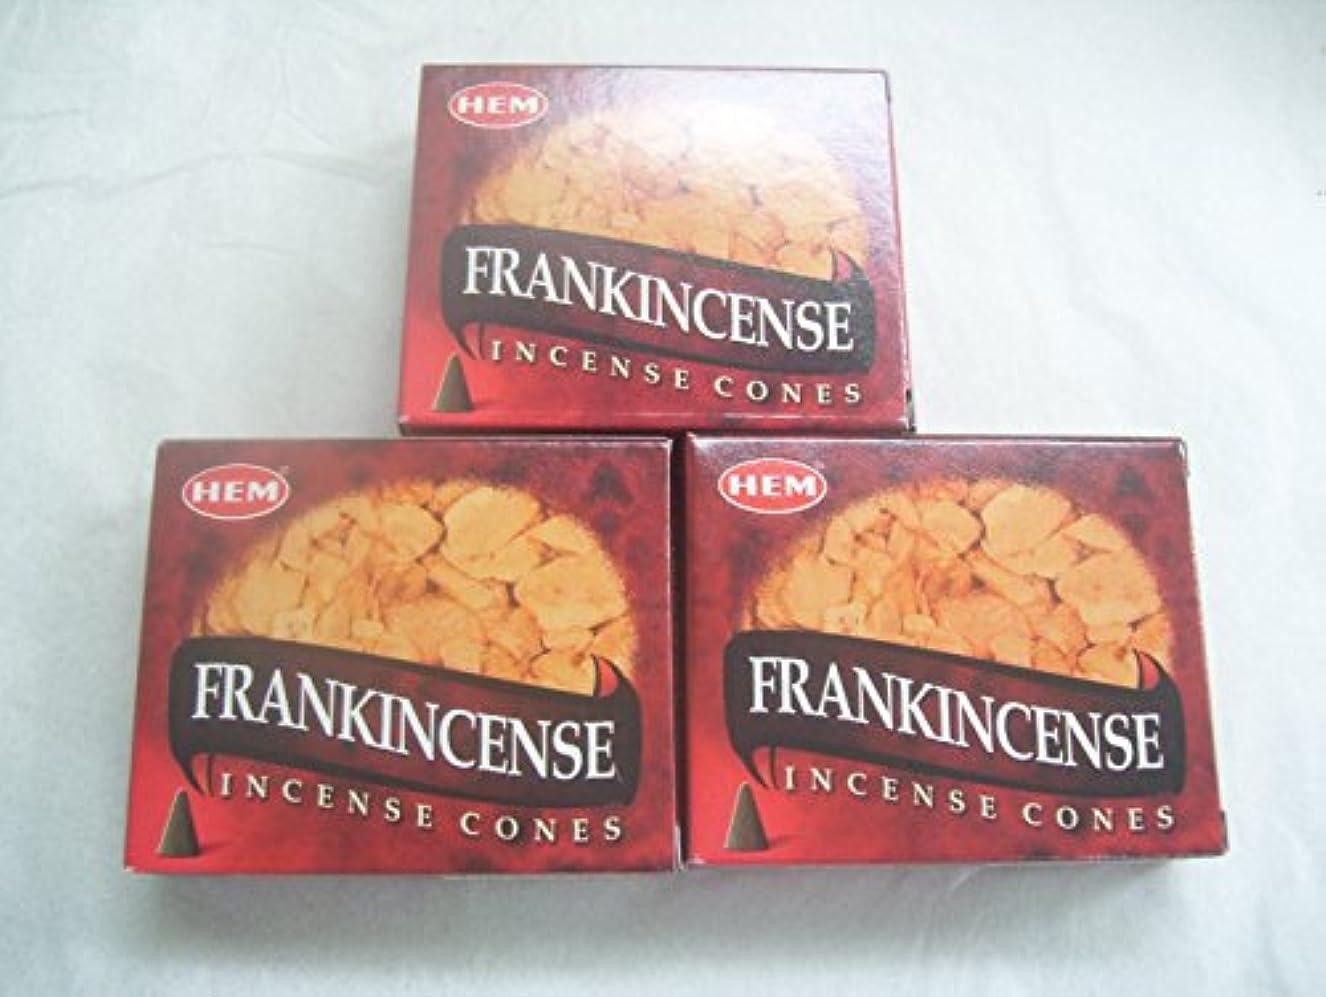 順応性のある宿泊施設教義Hemフランクインセンス香コーン、3パックの10 Cones = 30 Cones